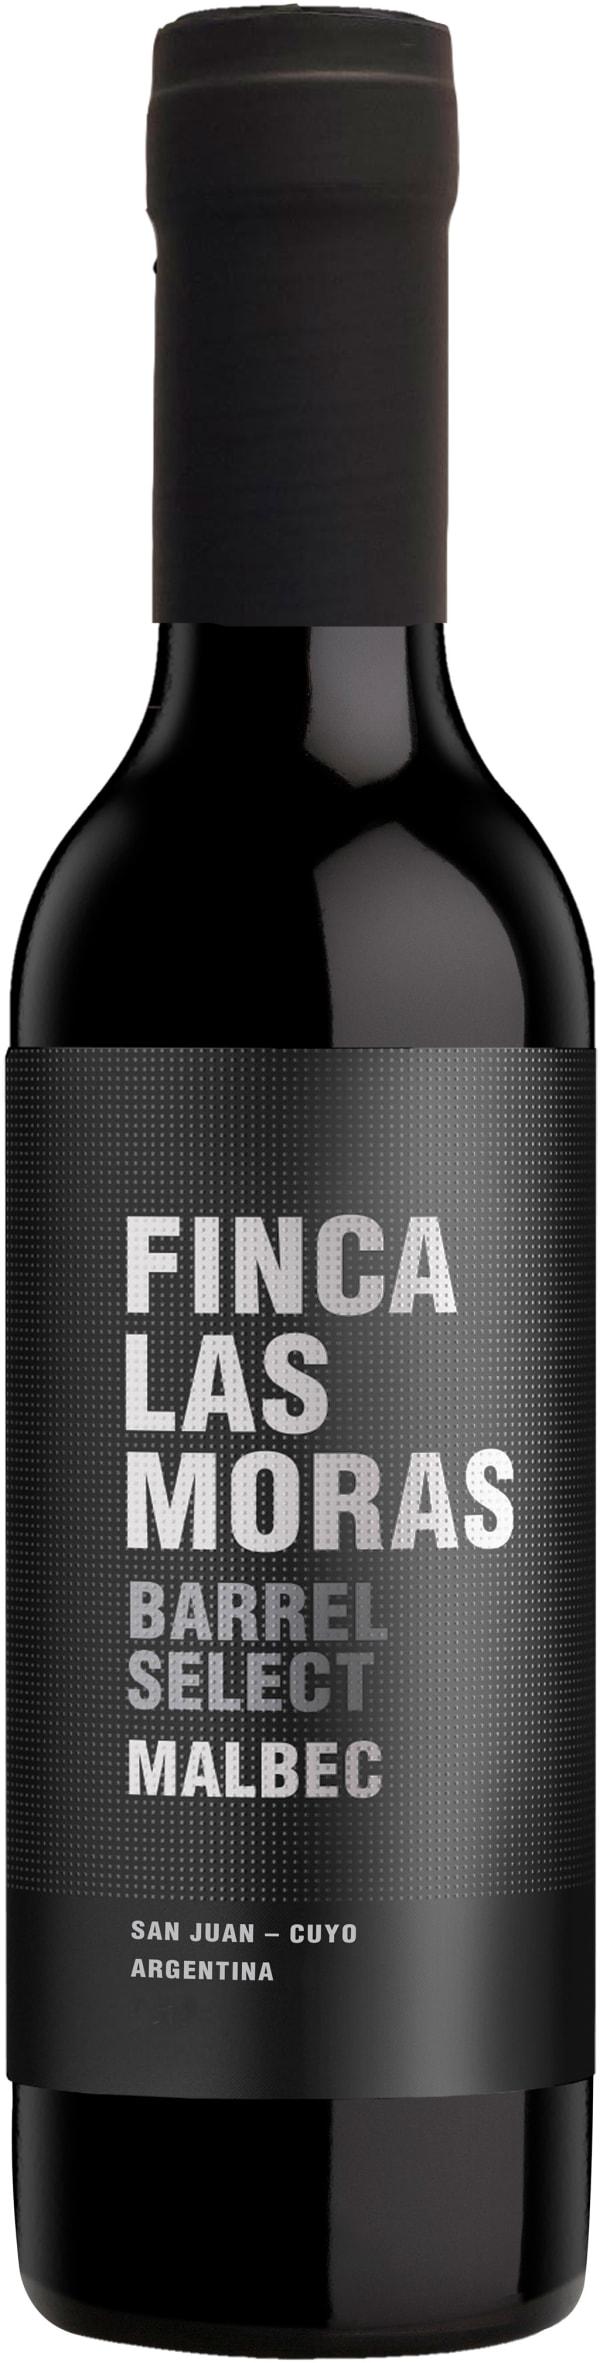 Finca Las Moras Barrel Select Malbec 2017